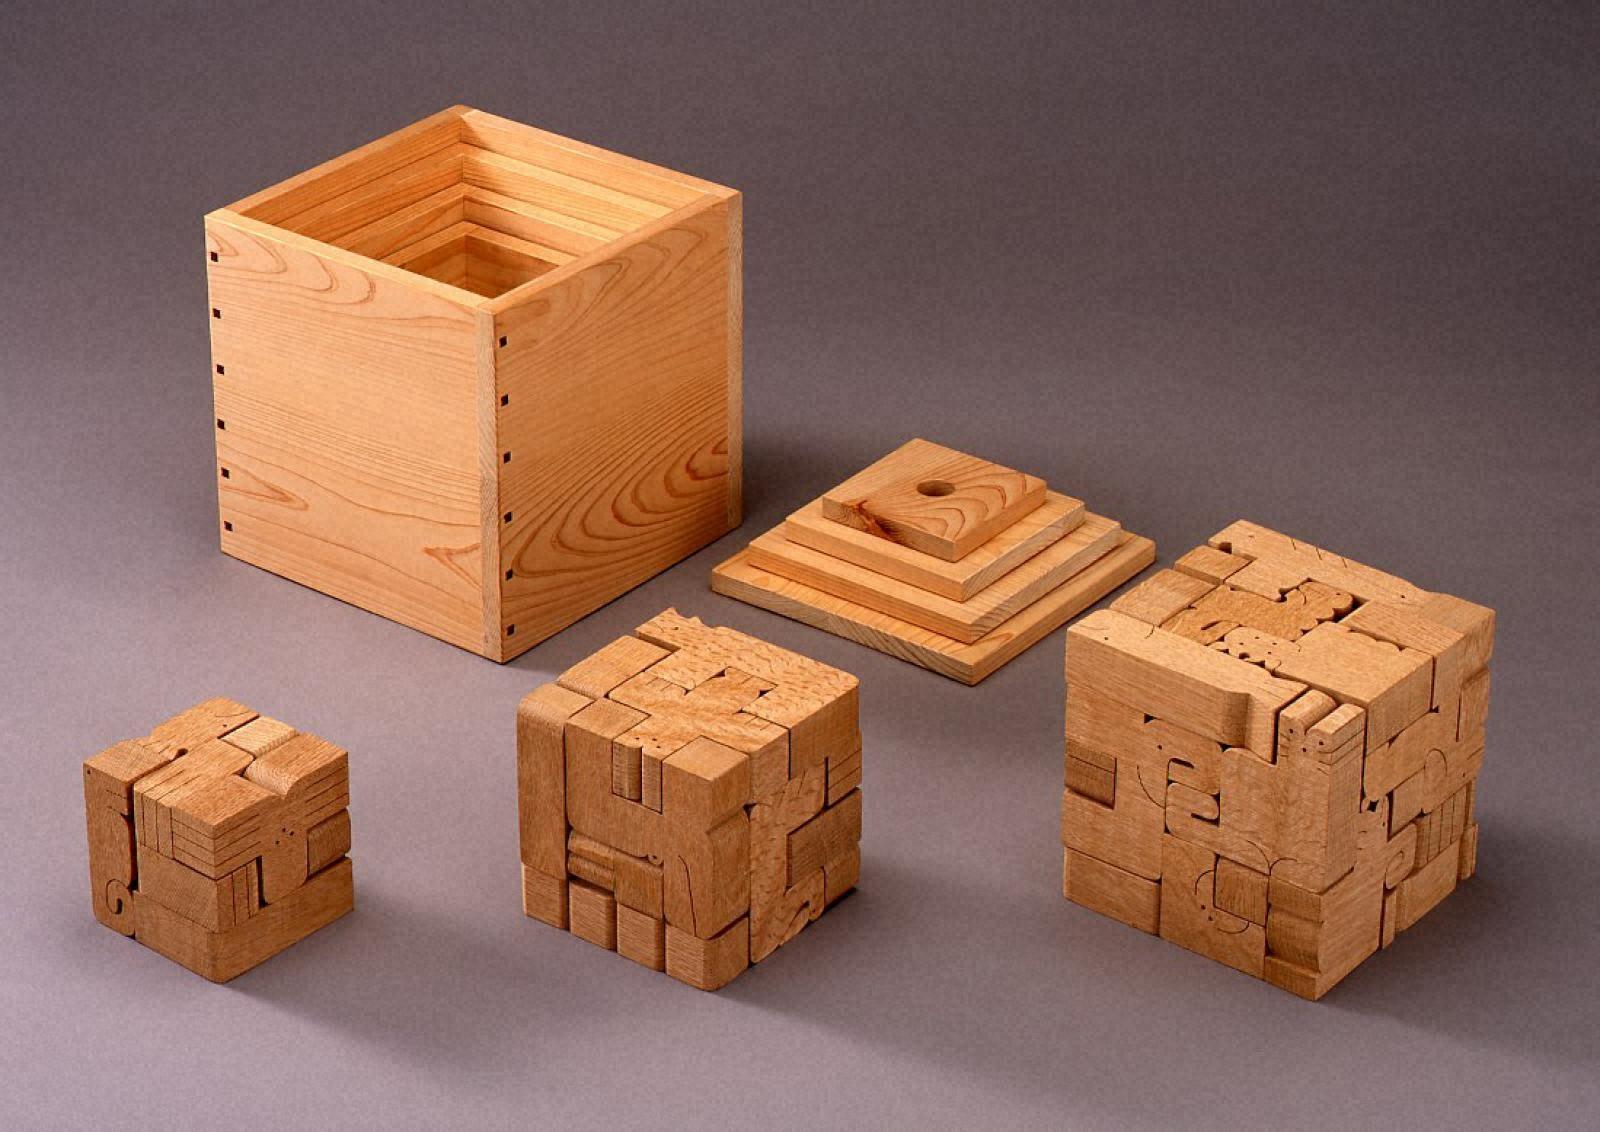 四つのアニマルキューブ